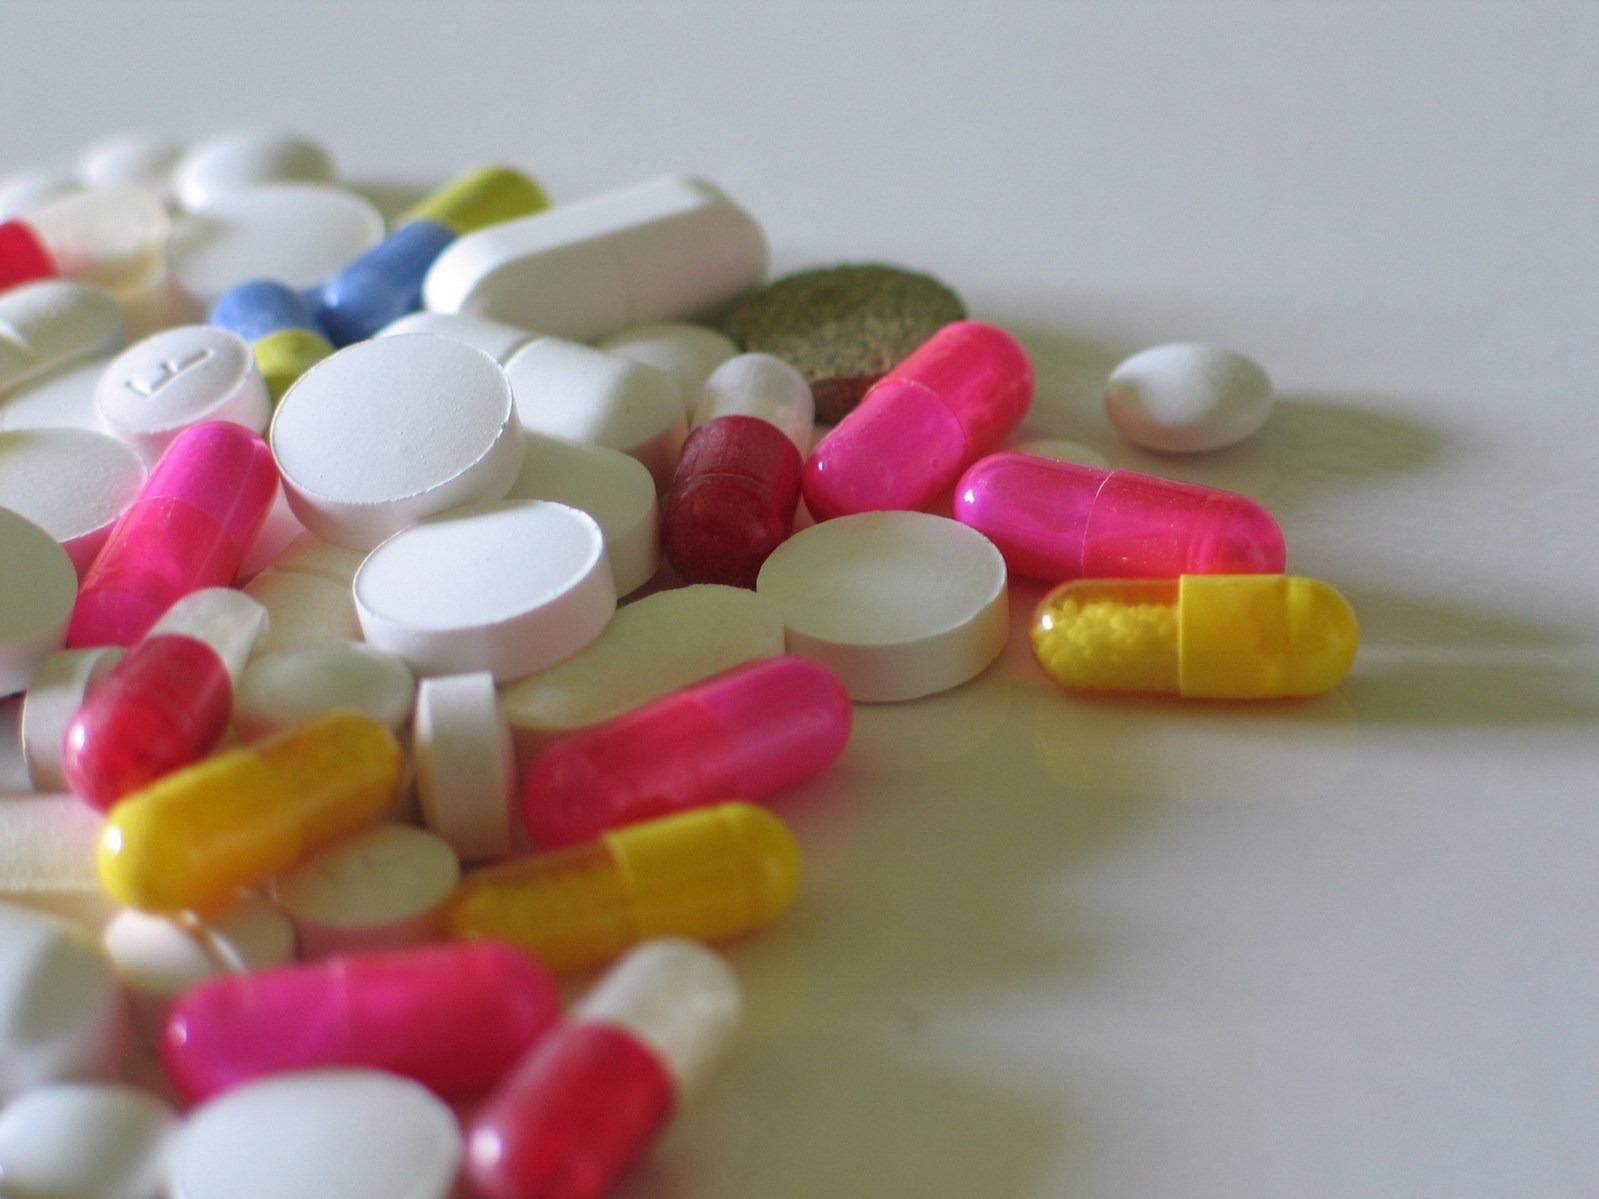 Verbeteringen mogelijk bij off-labelgebruik van medicijnen